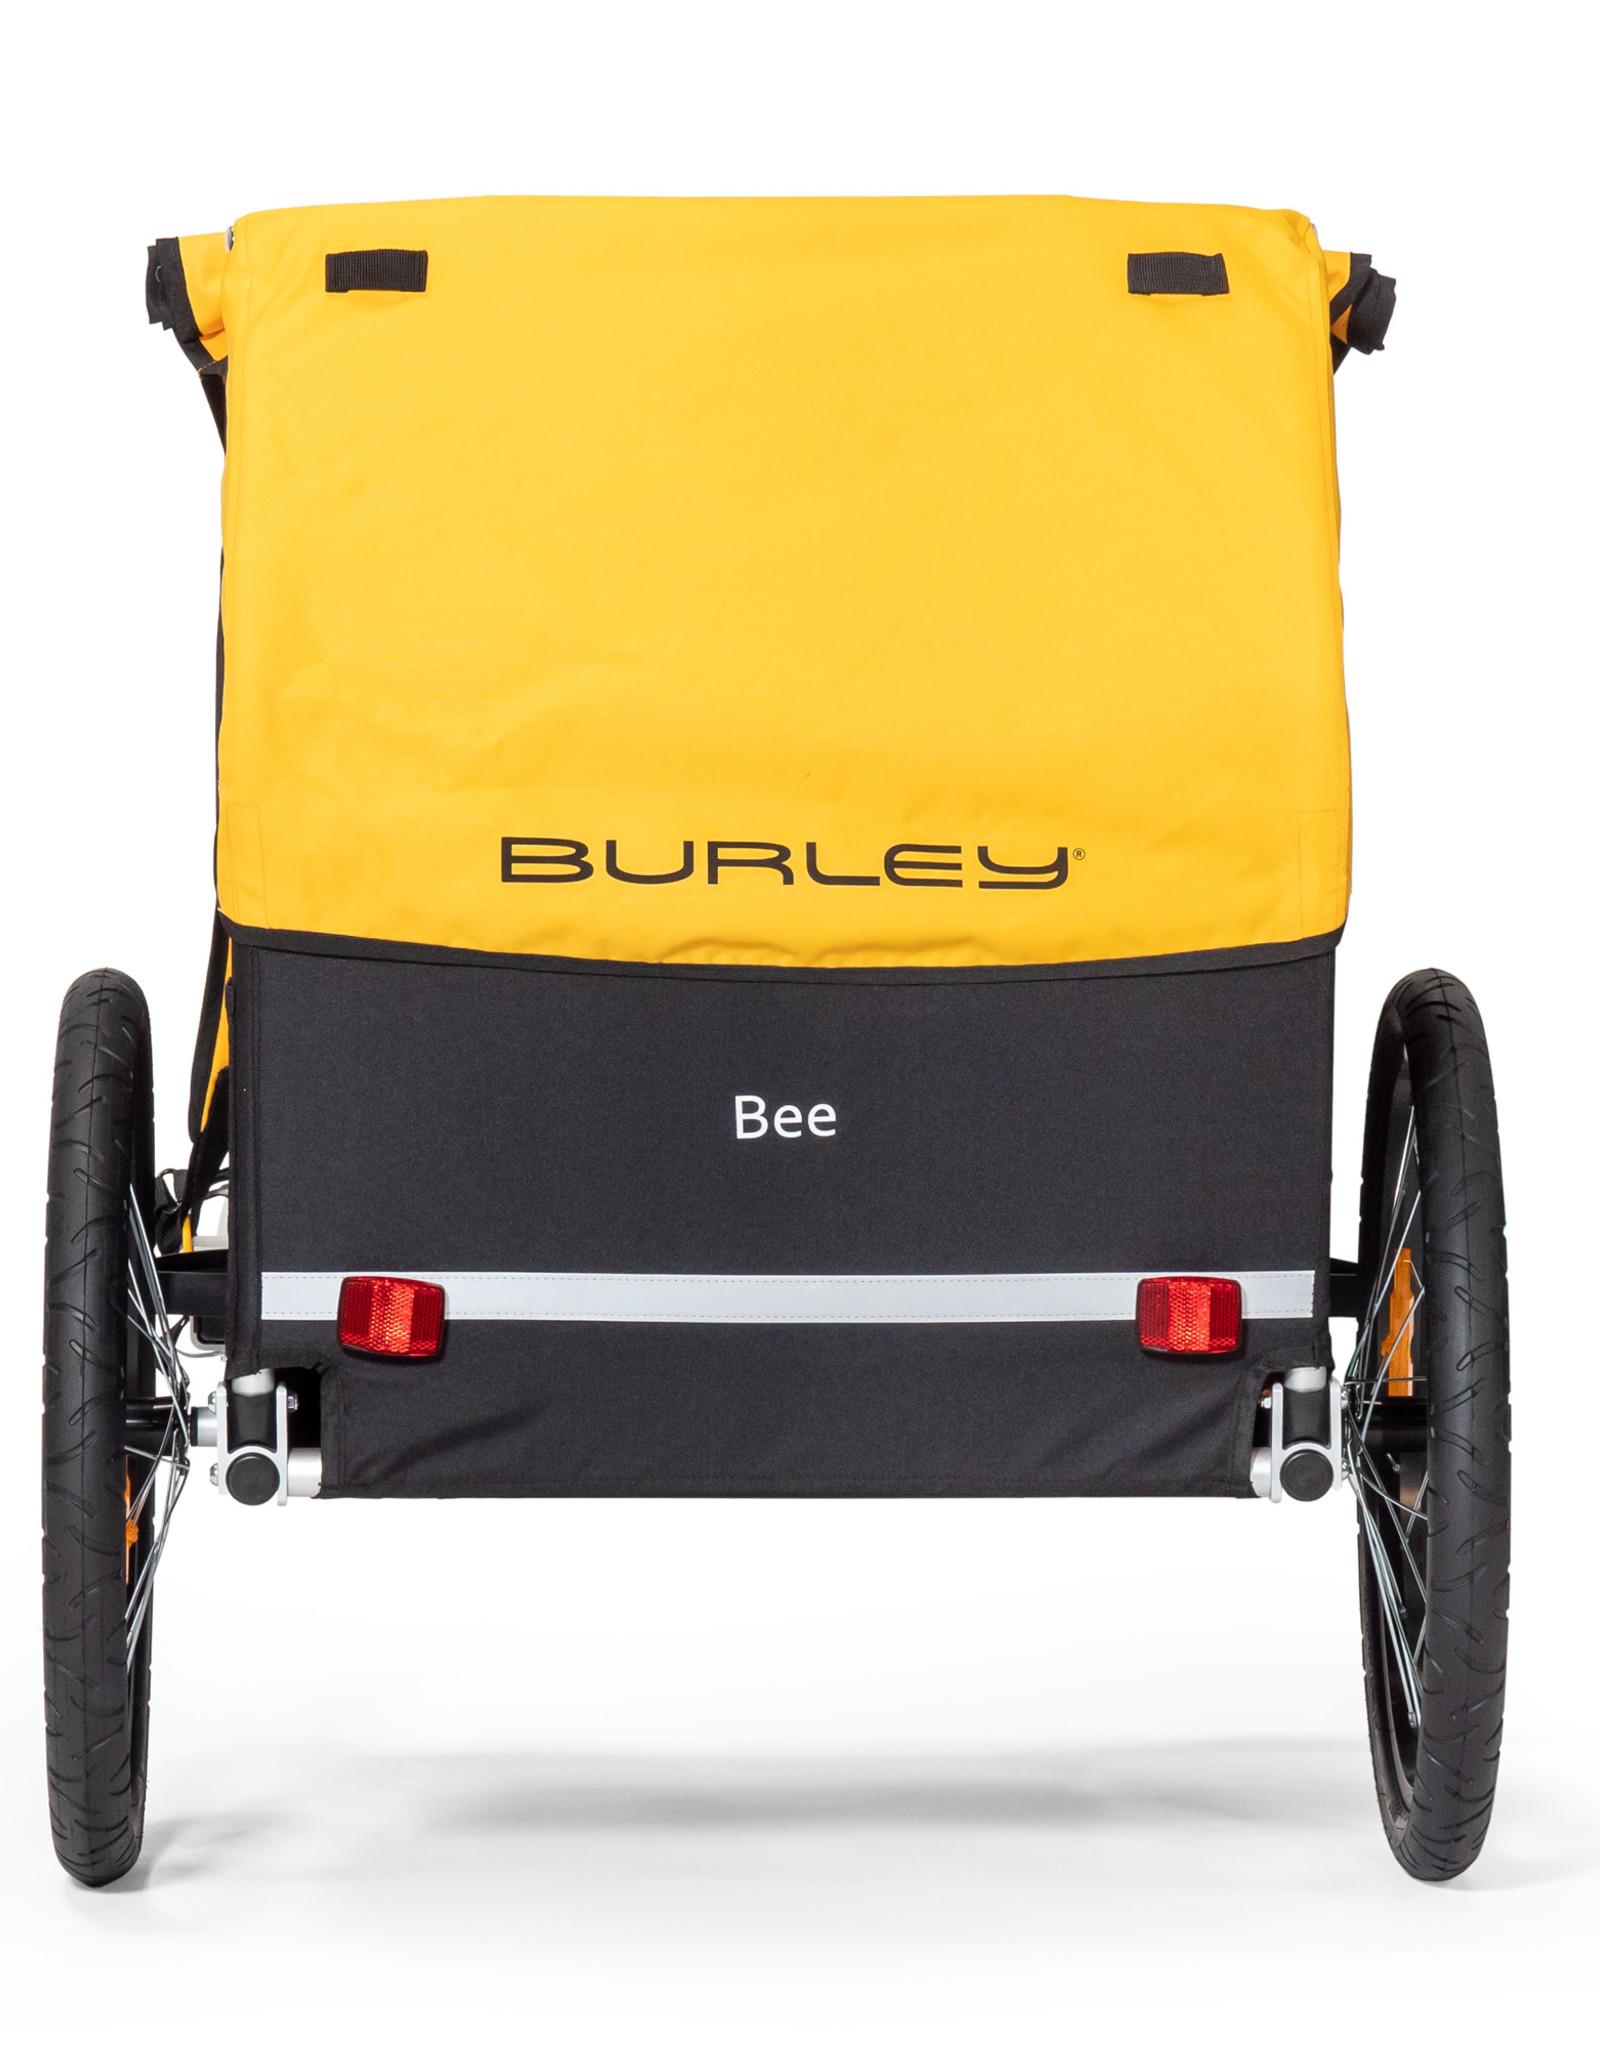 Burley BURLEY Bee Yellow